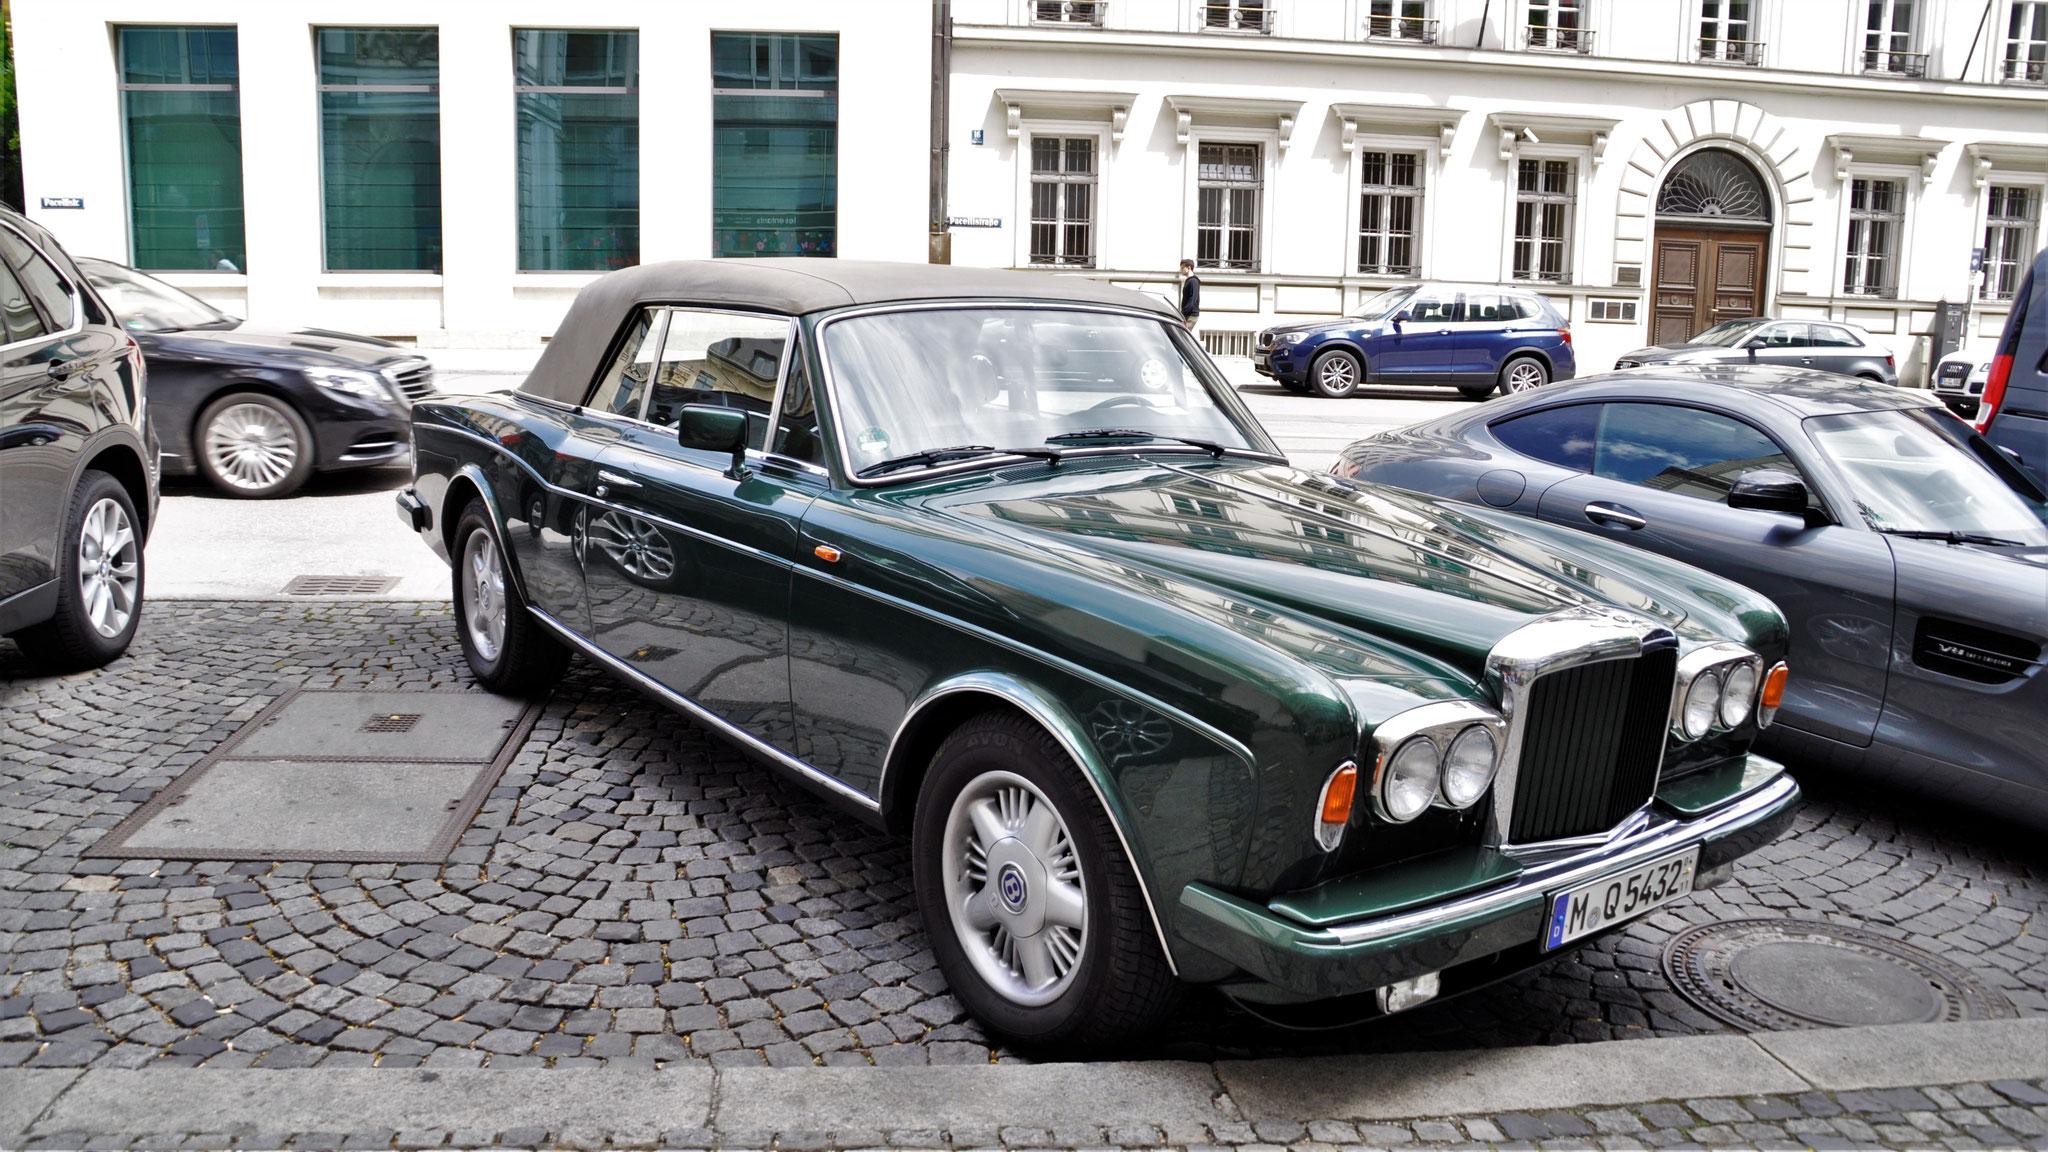 Cabriolet - M-Q-5432